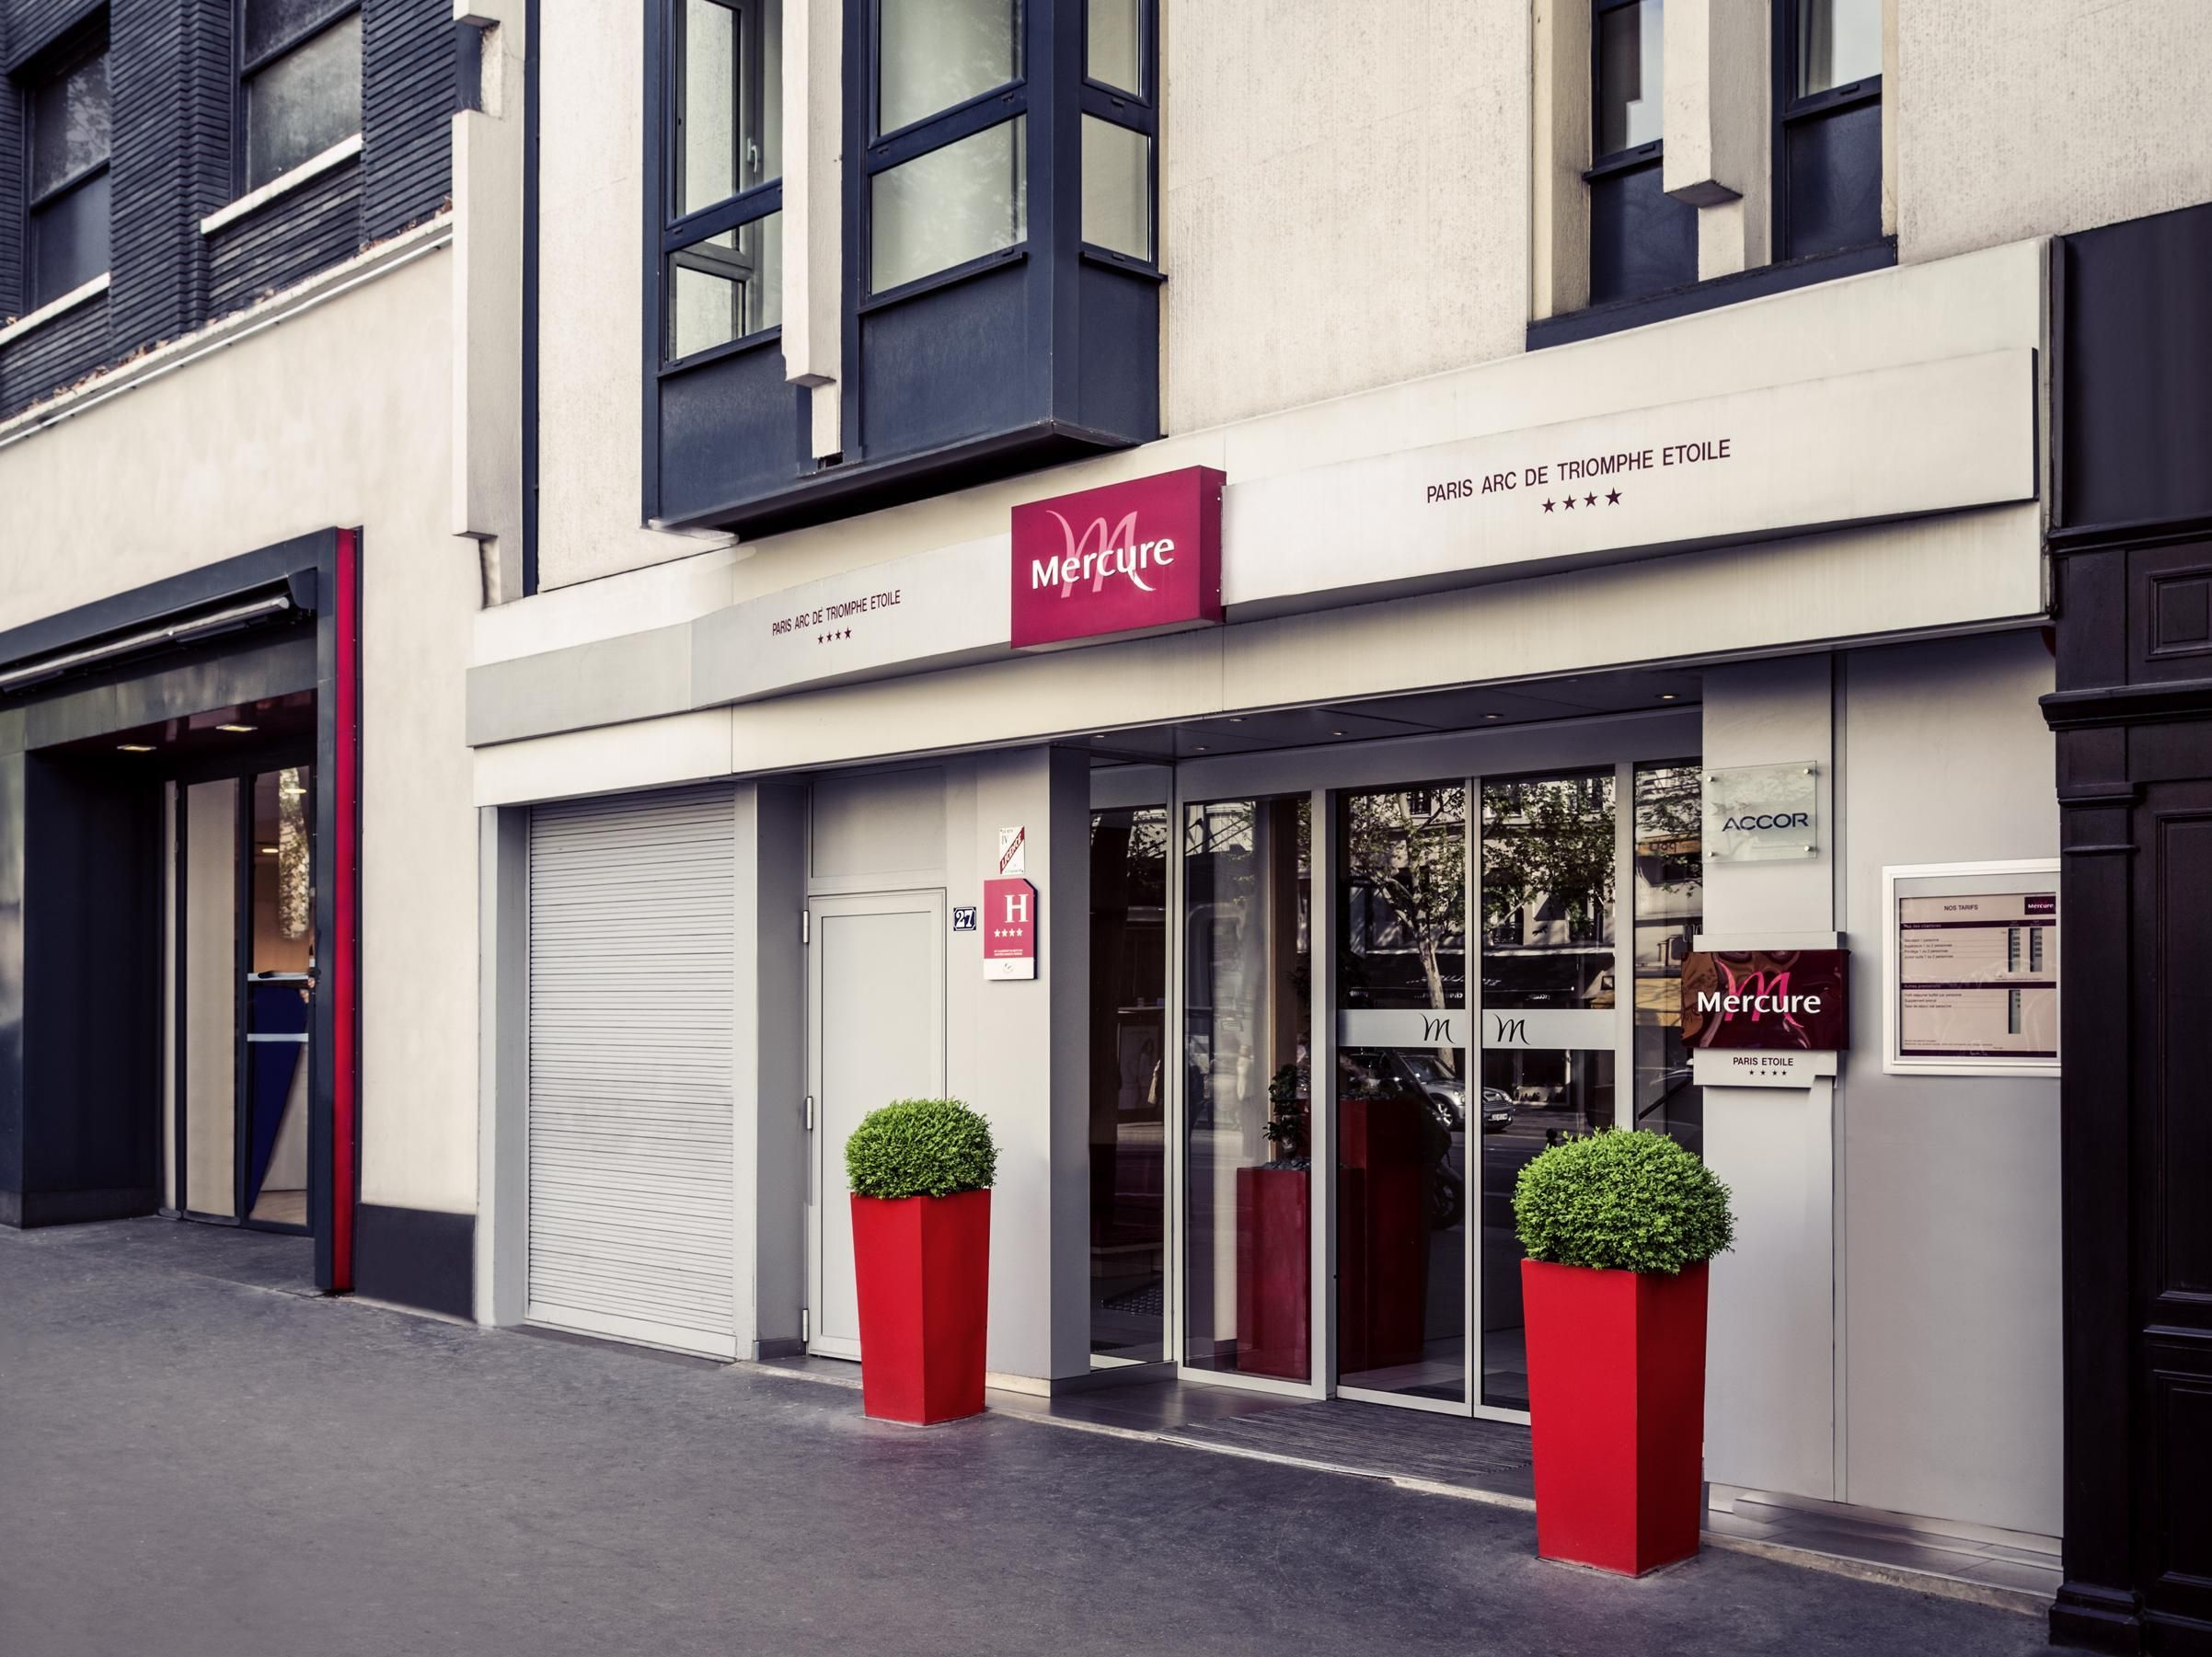 Paris Mercure Paris Arc De Triomphe Etoile Hotel France Europe Mercure Paris Arc De Triomphe Etoile Hotel Is A Popular Choi Hotel House Styles Arc De Triomphe